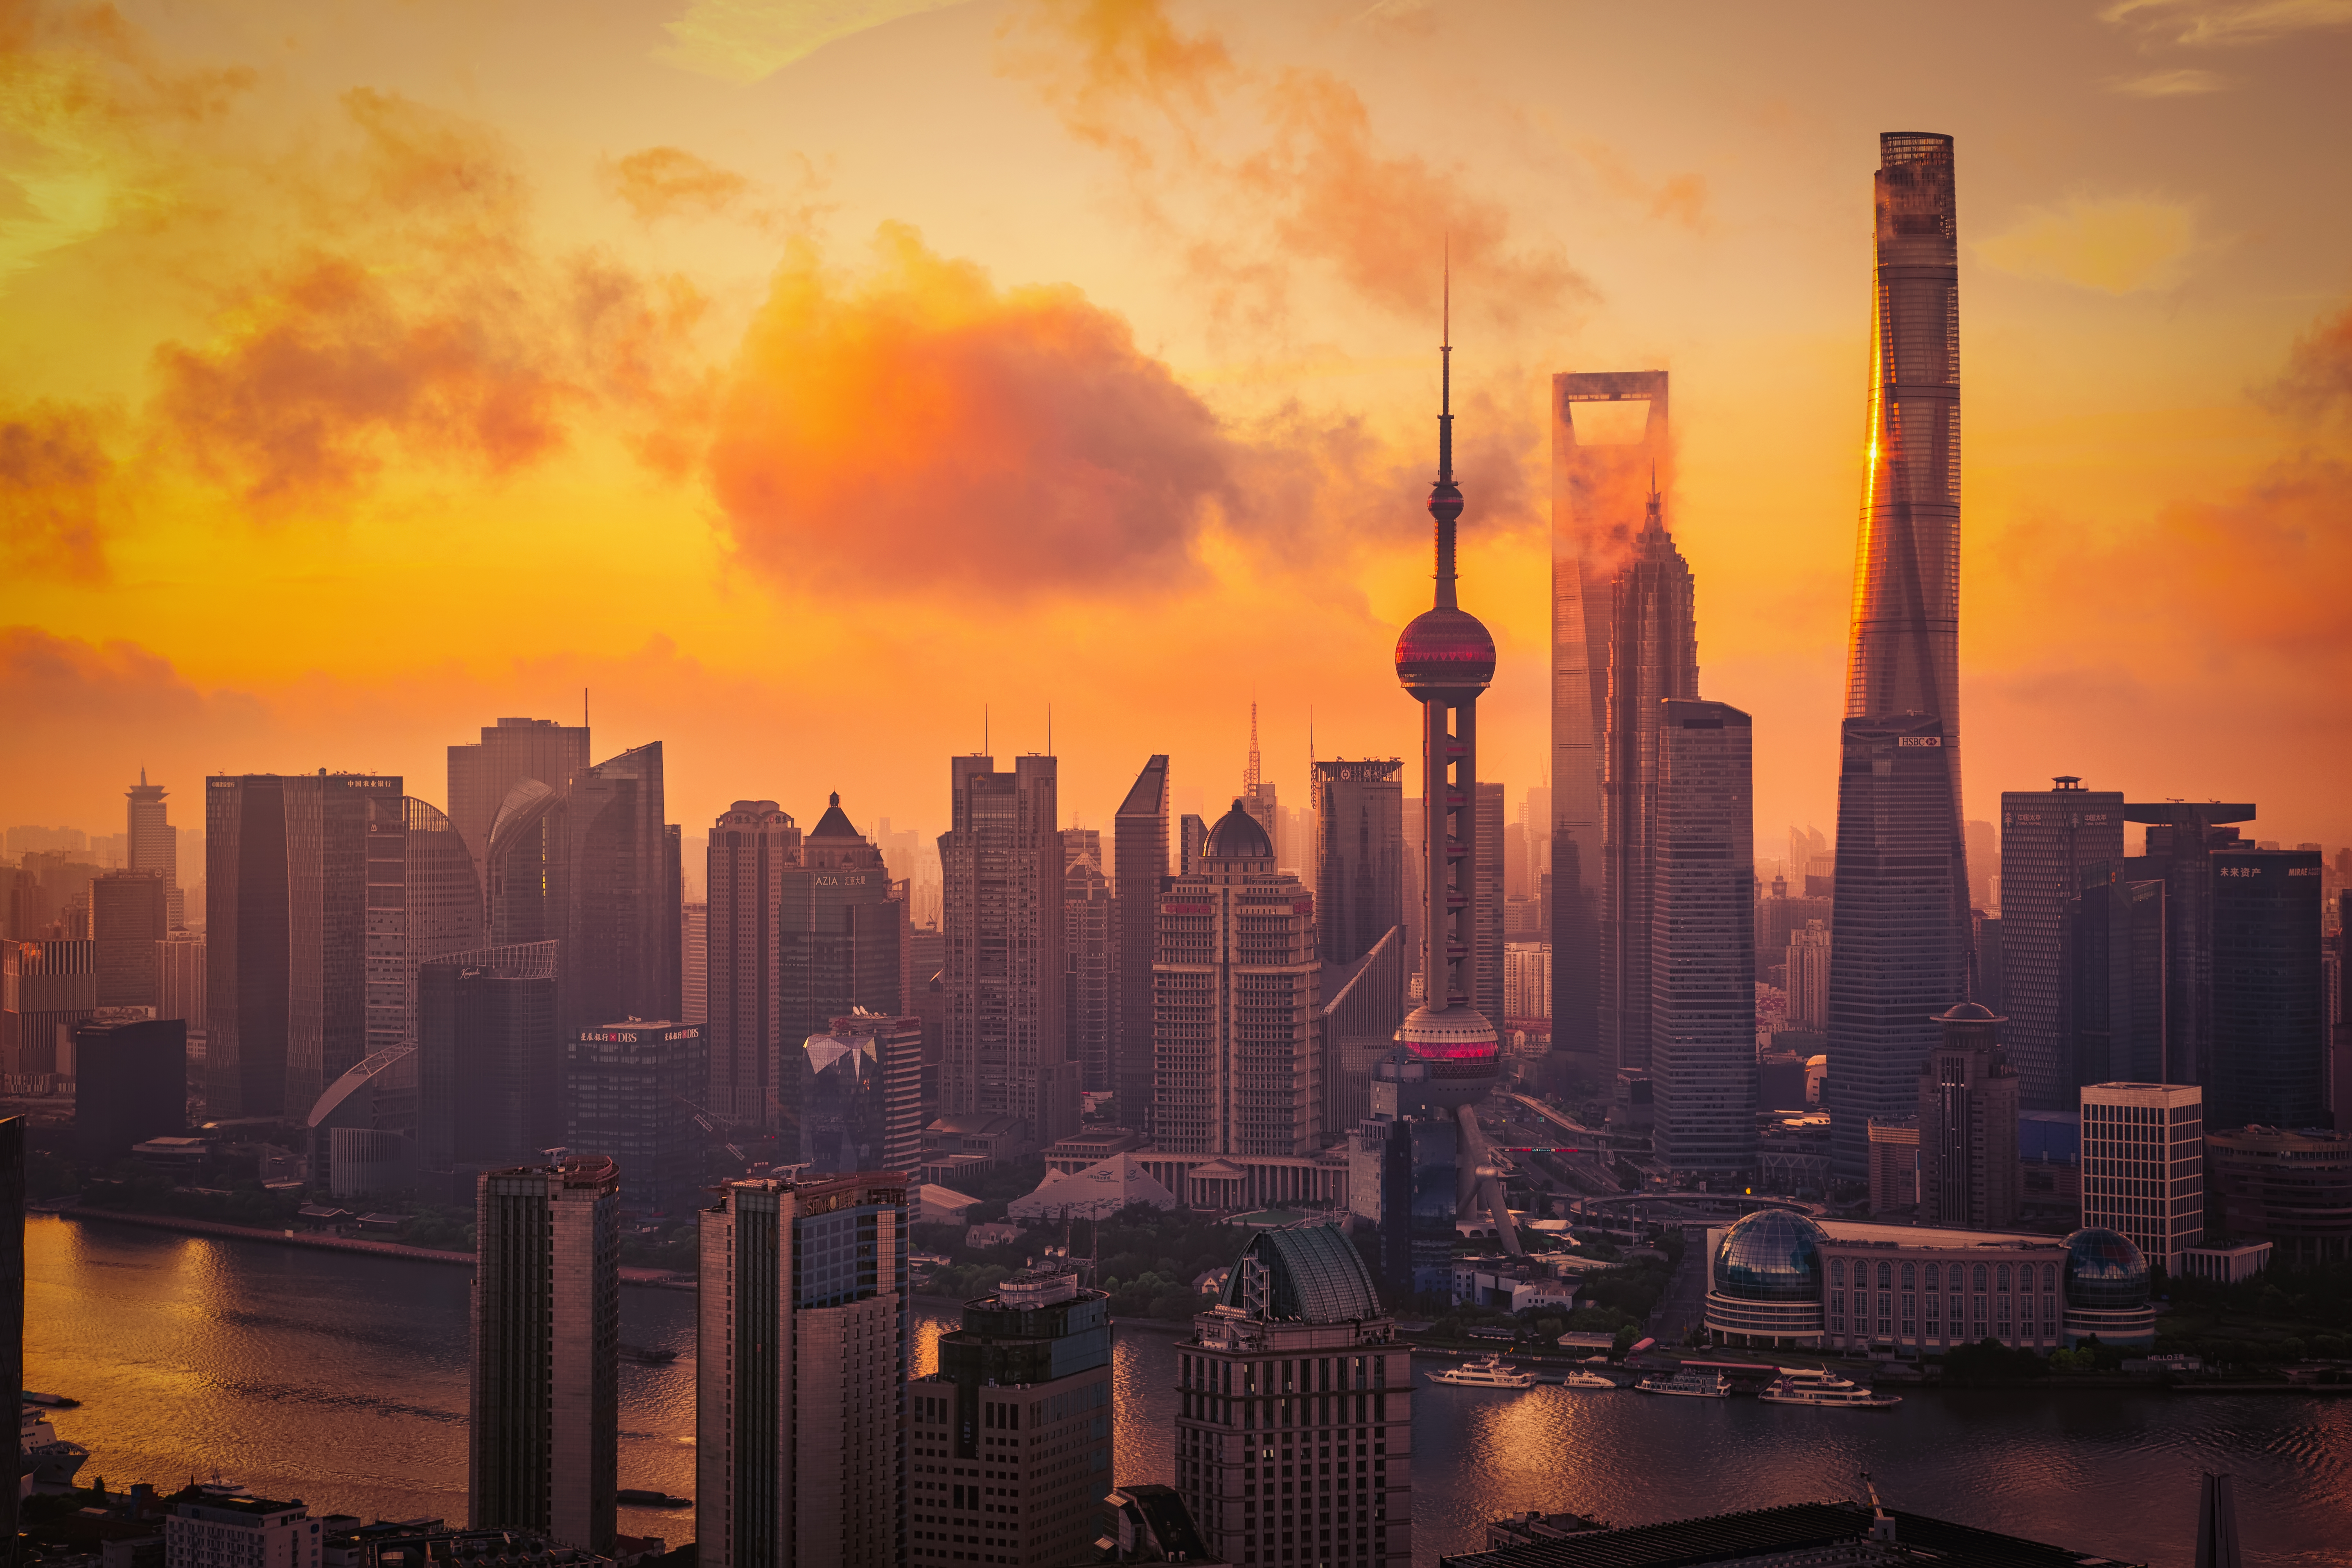 成長しつづけける中国経済の現状をわかりやすく解説する!2019年からの見通しについても考察する。